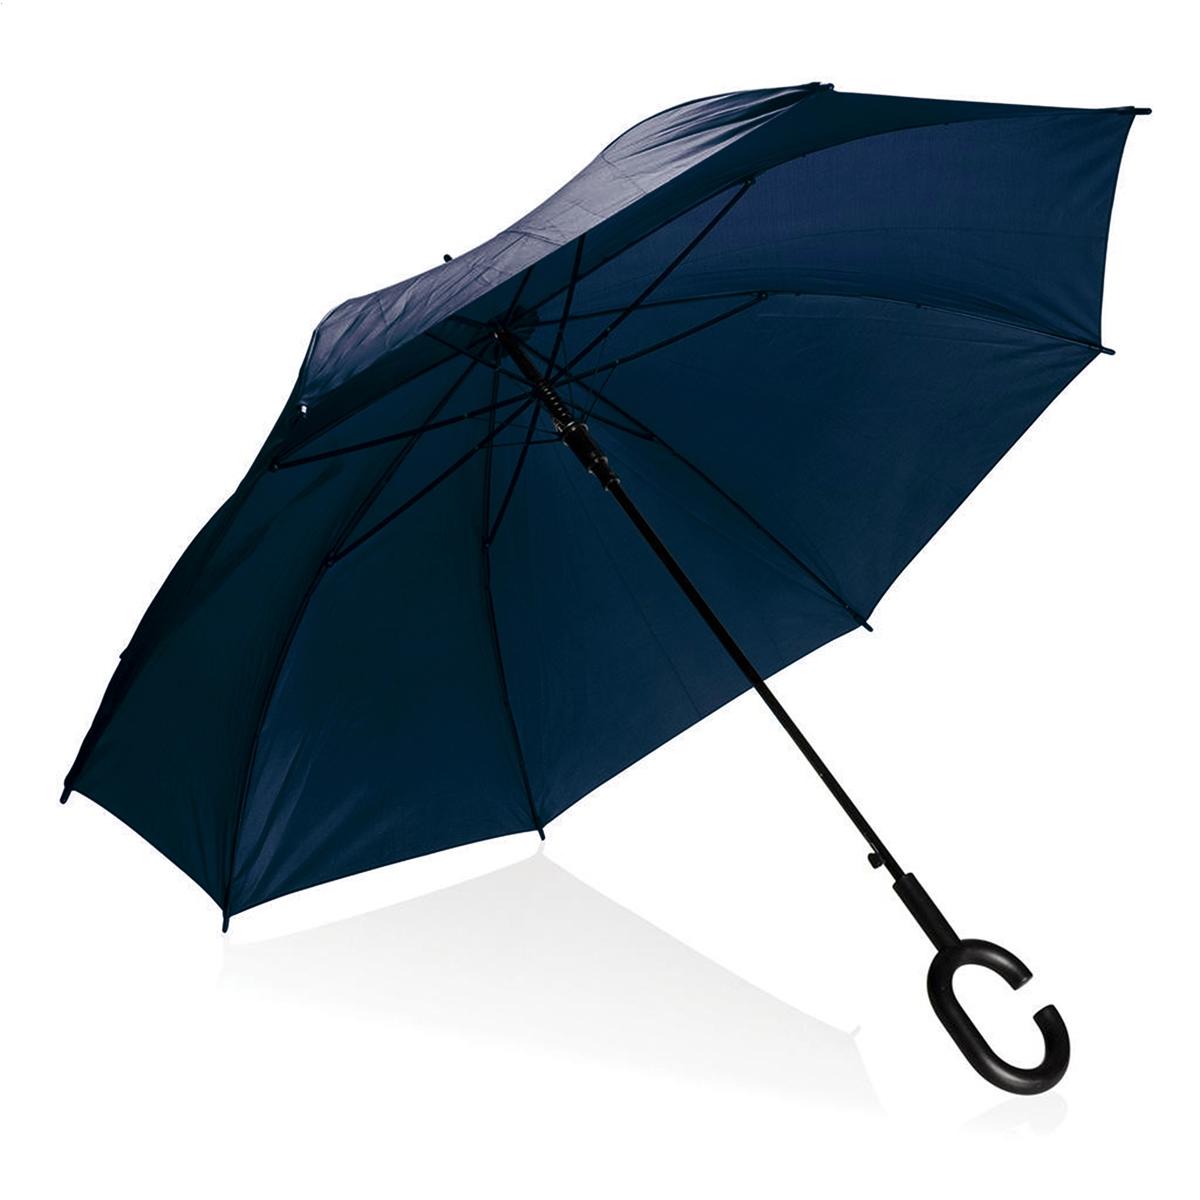 Platinet paraplu, BLAUW, met polshandle zodat je je handen vrijhoudt! Nylon